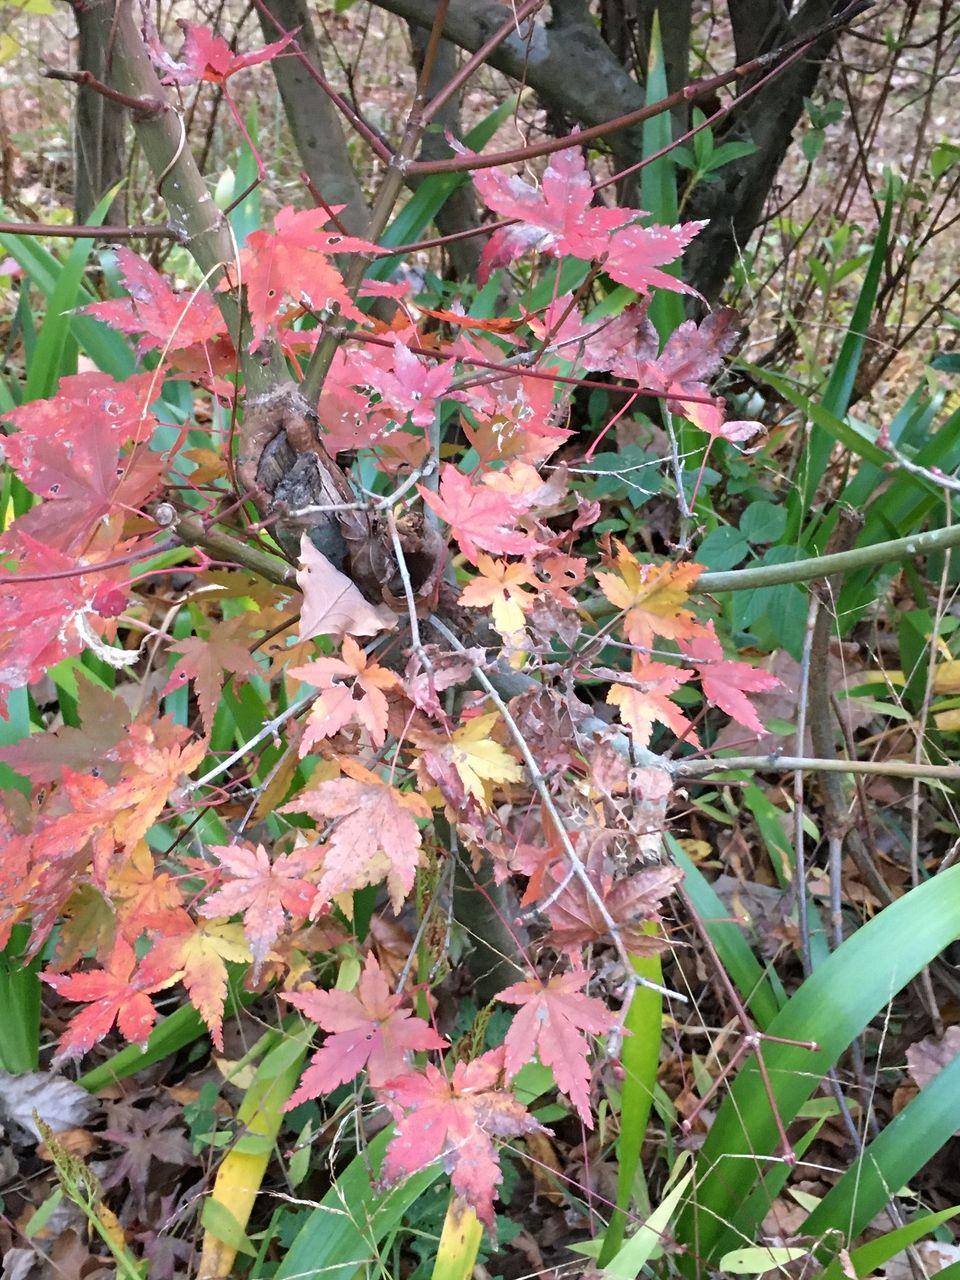 晩秋の南阿蘇・木々の枝の中に際立つ赤い葉